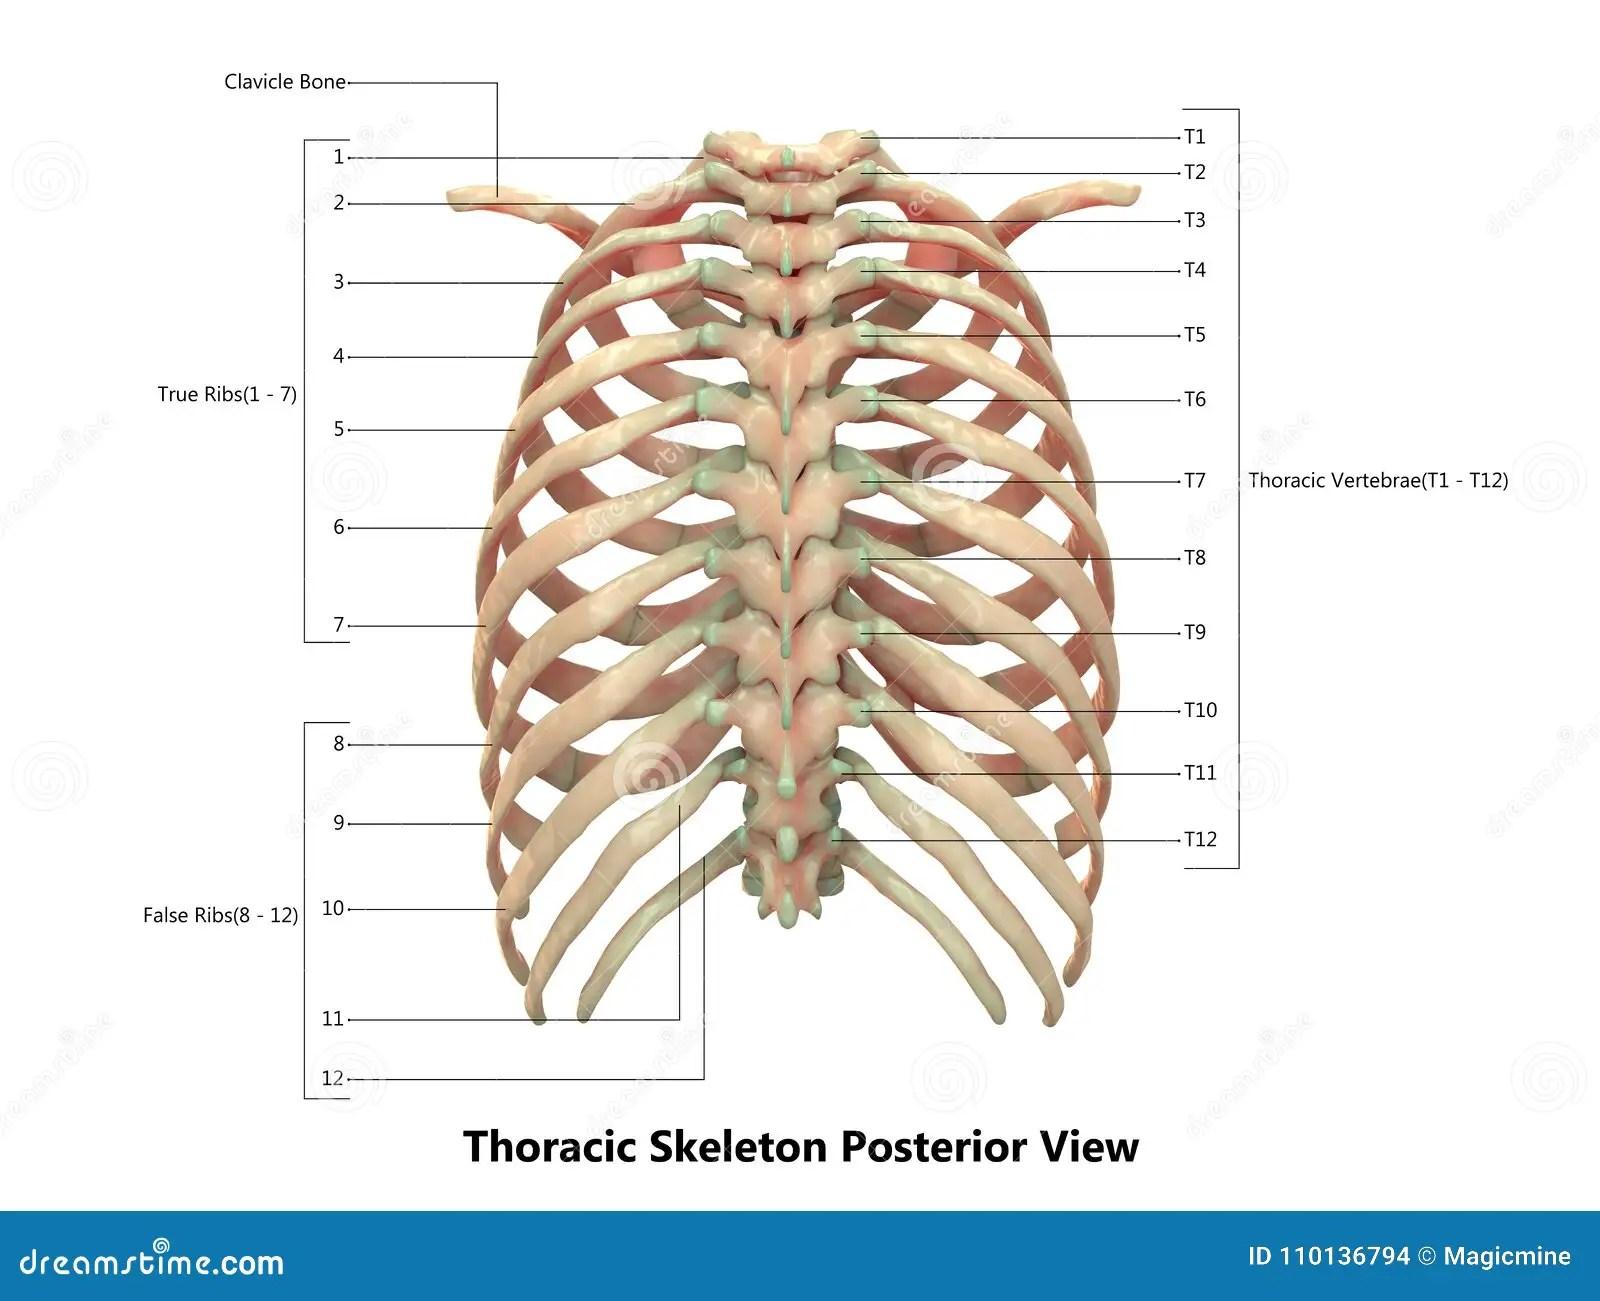 Human Body Skeleton System Thoracic Skeleton Posterior View Anatomy Stock Illustration